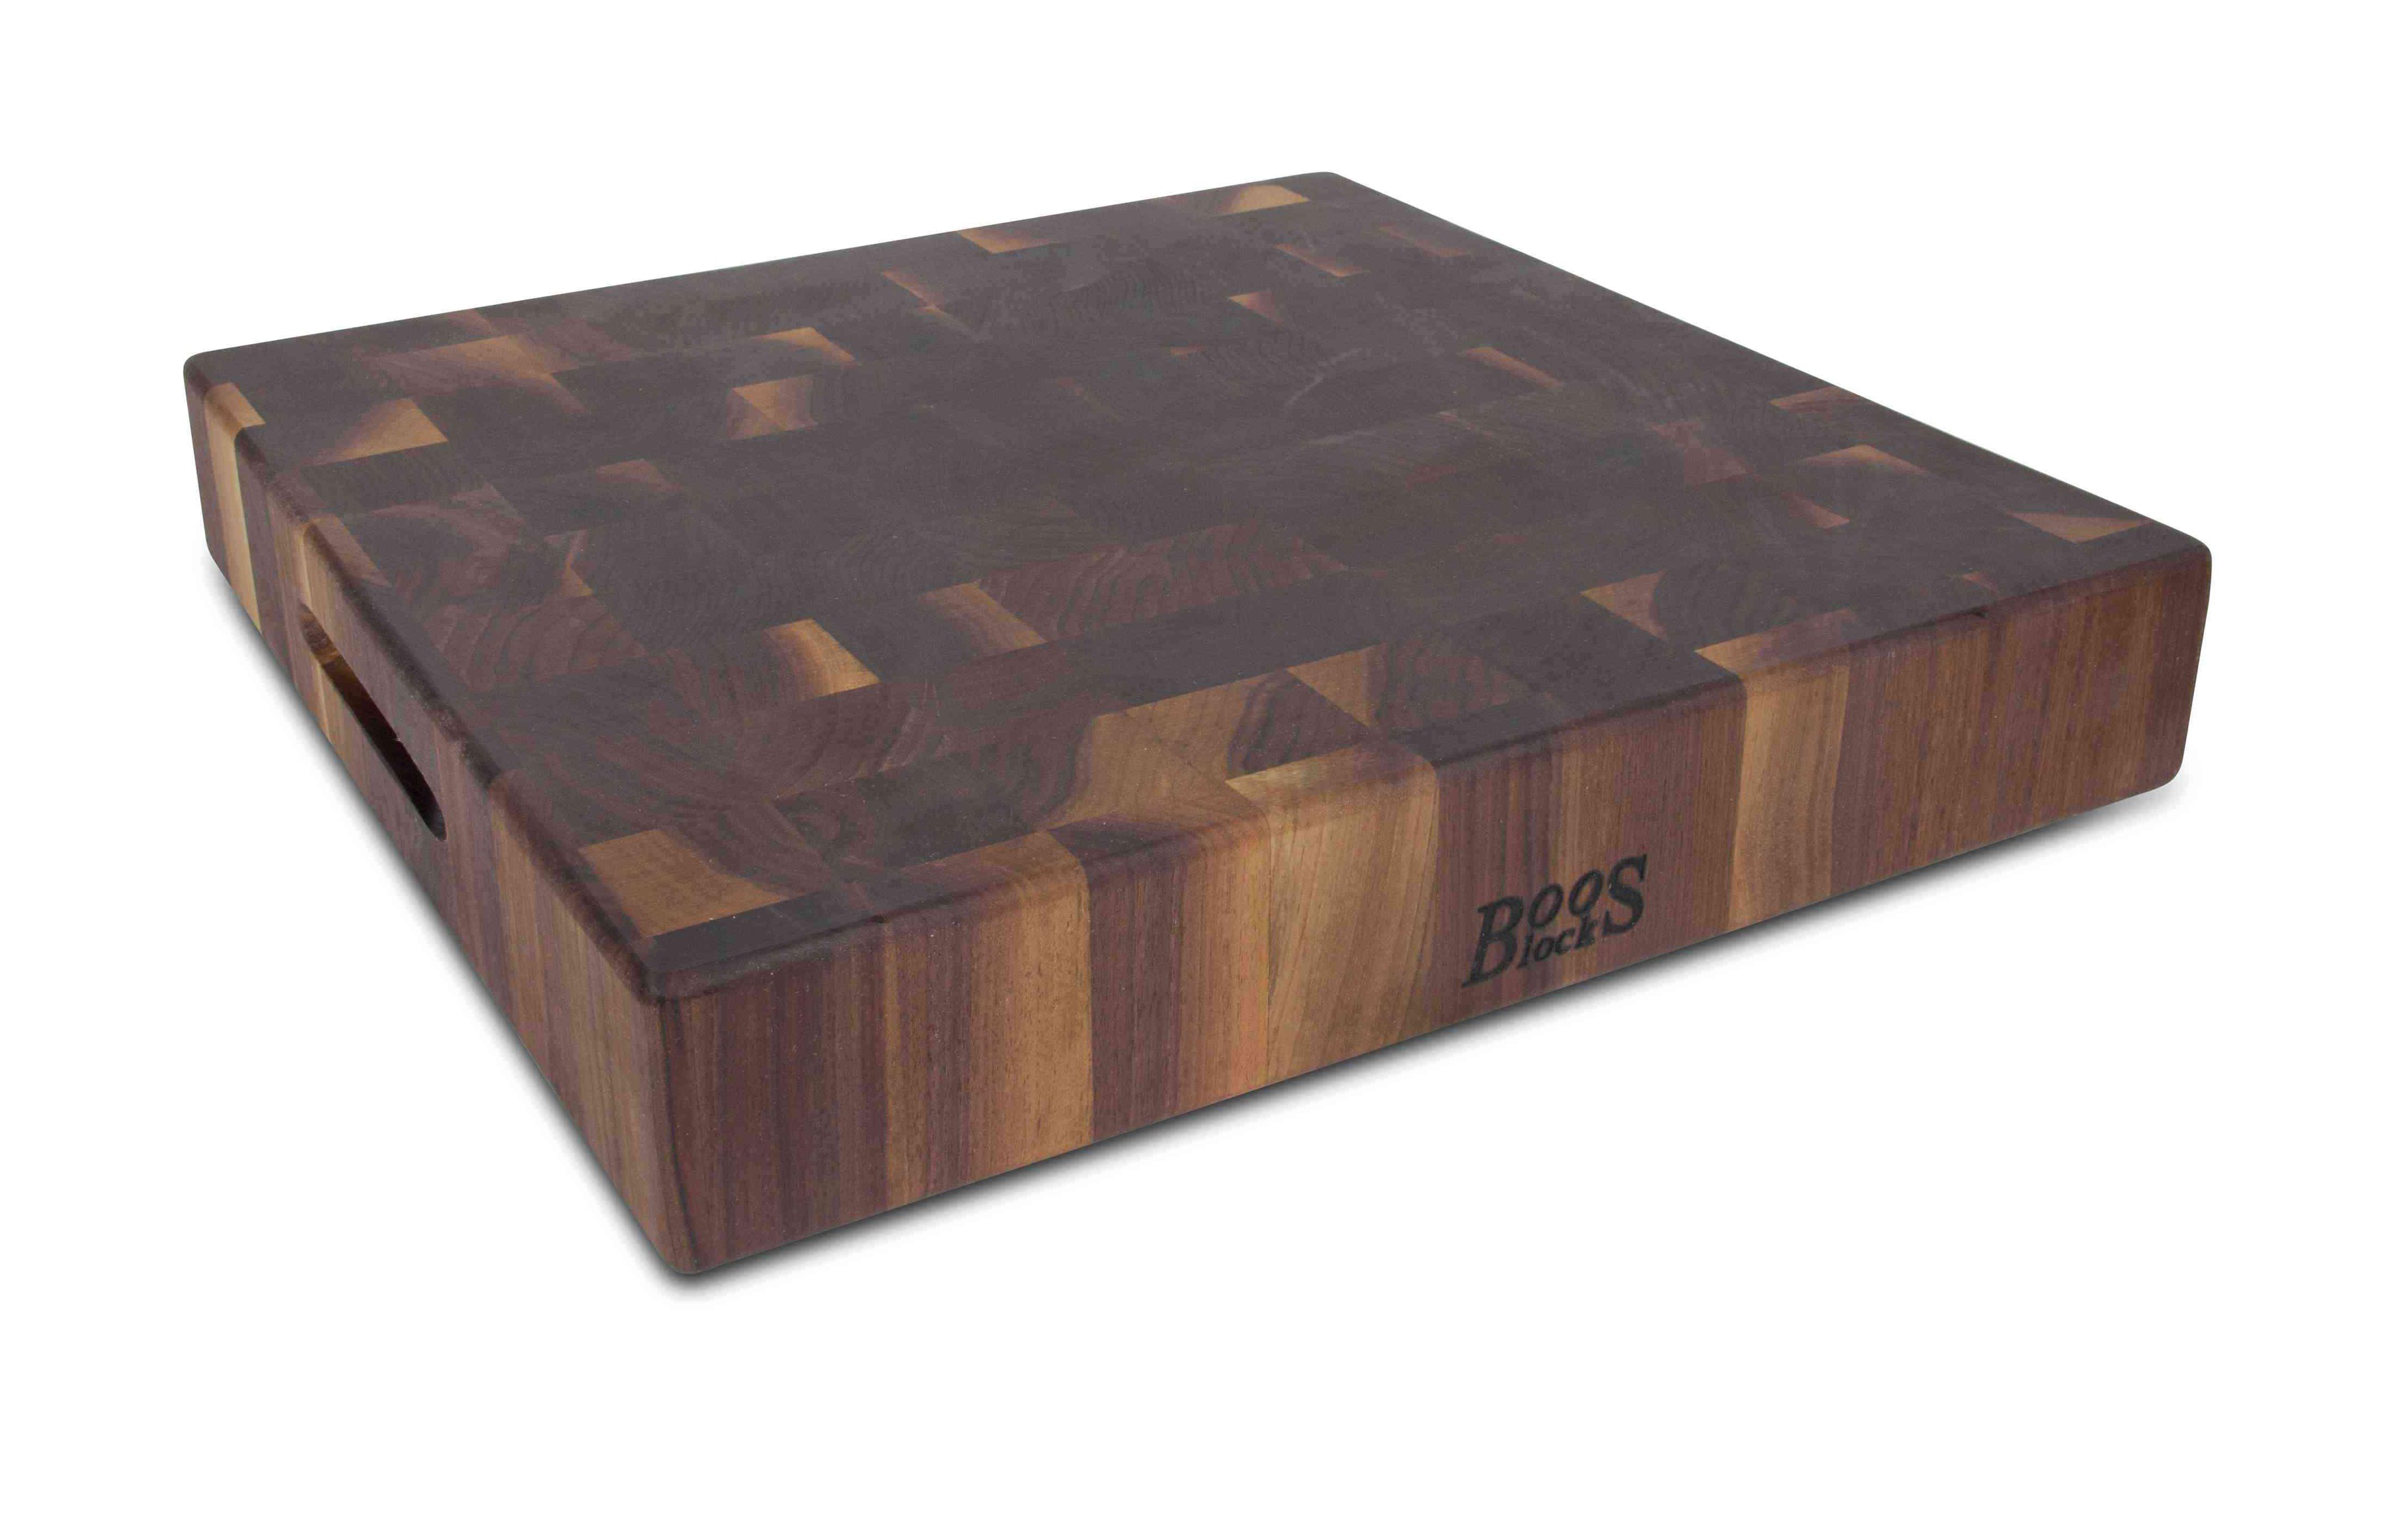 Boos Blocks Hackbrett Walnussholz 46 x 46 x 7,5 / 9,5 kg